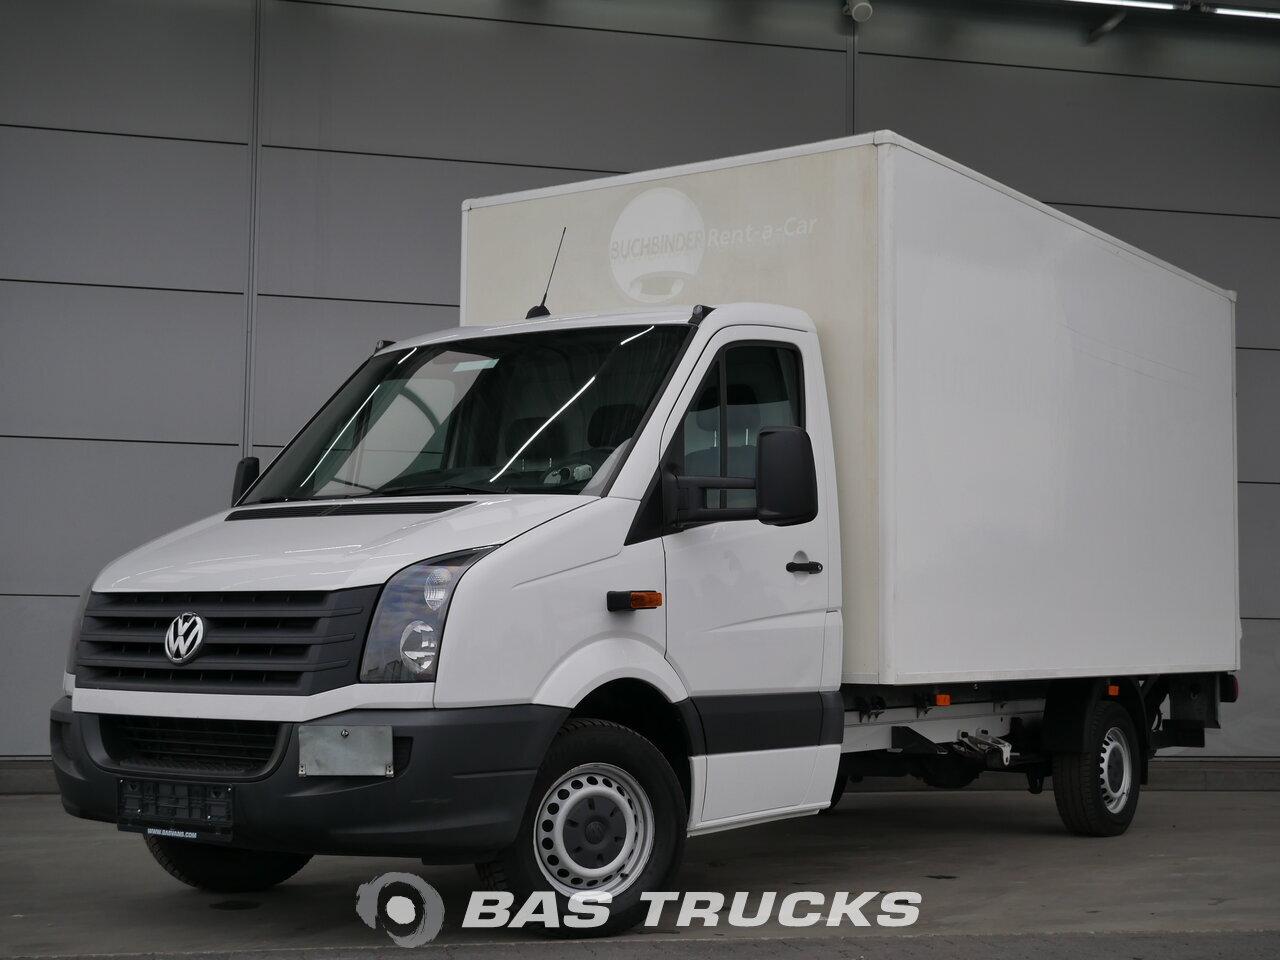 volkswagen crafter lcv 17400 bas trucks. Black Bedroom Furniture Sets. Home Design Ideas